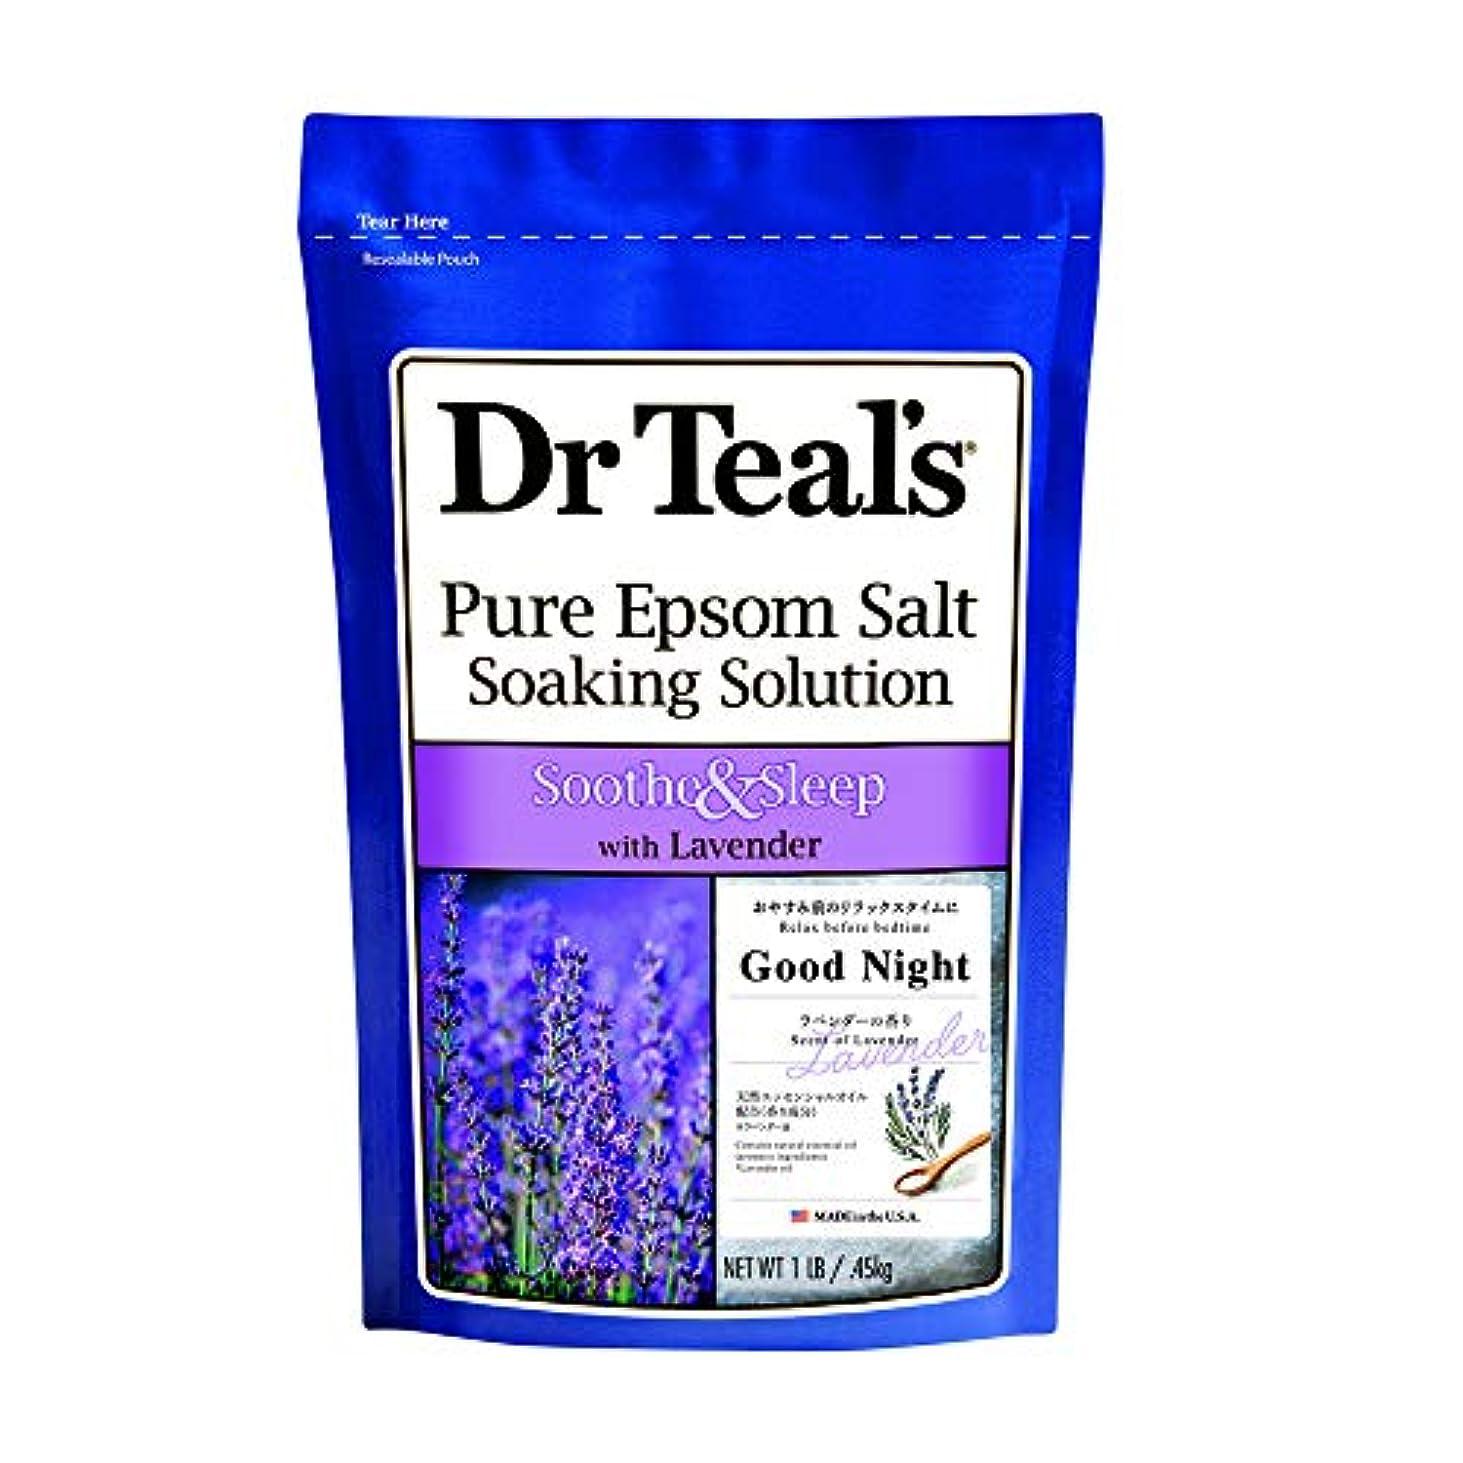 確かな好む支配するDr Teal's(ティールズ) フレグランスエプソムソルト ラベンダー 入浴剤 453g